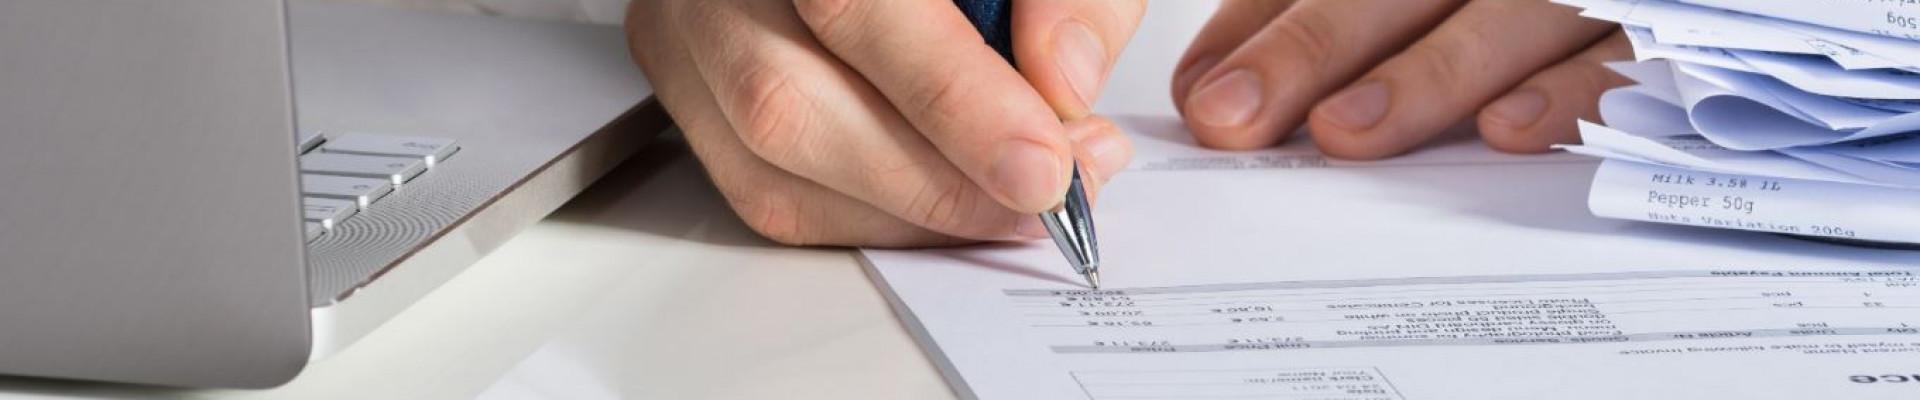 Comune di Fidenza » Documenti, Certificati, Anagrafe